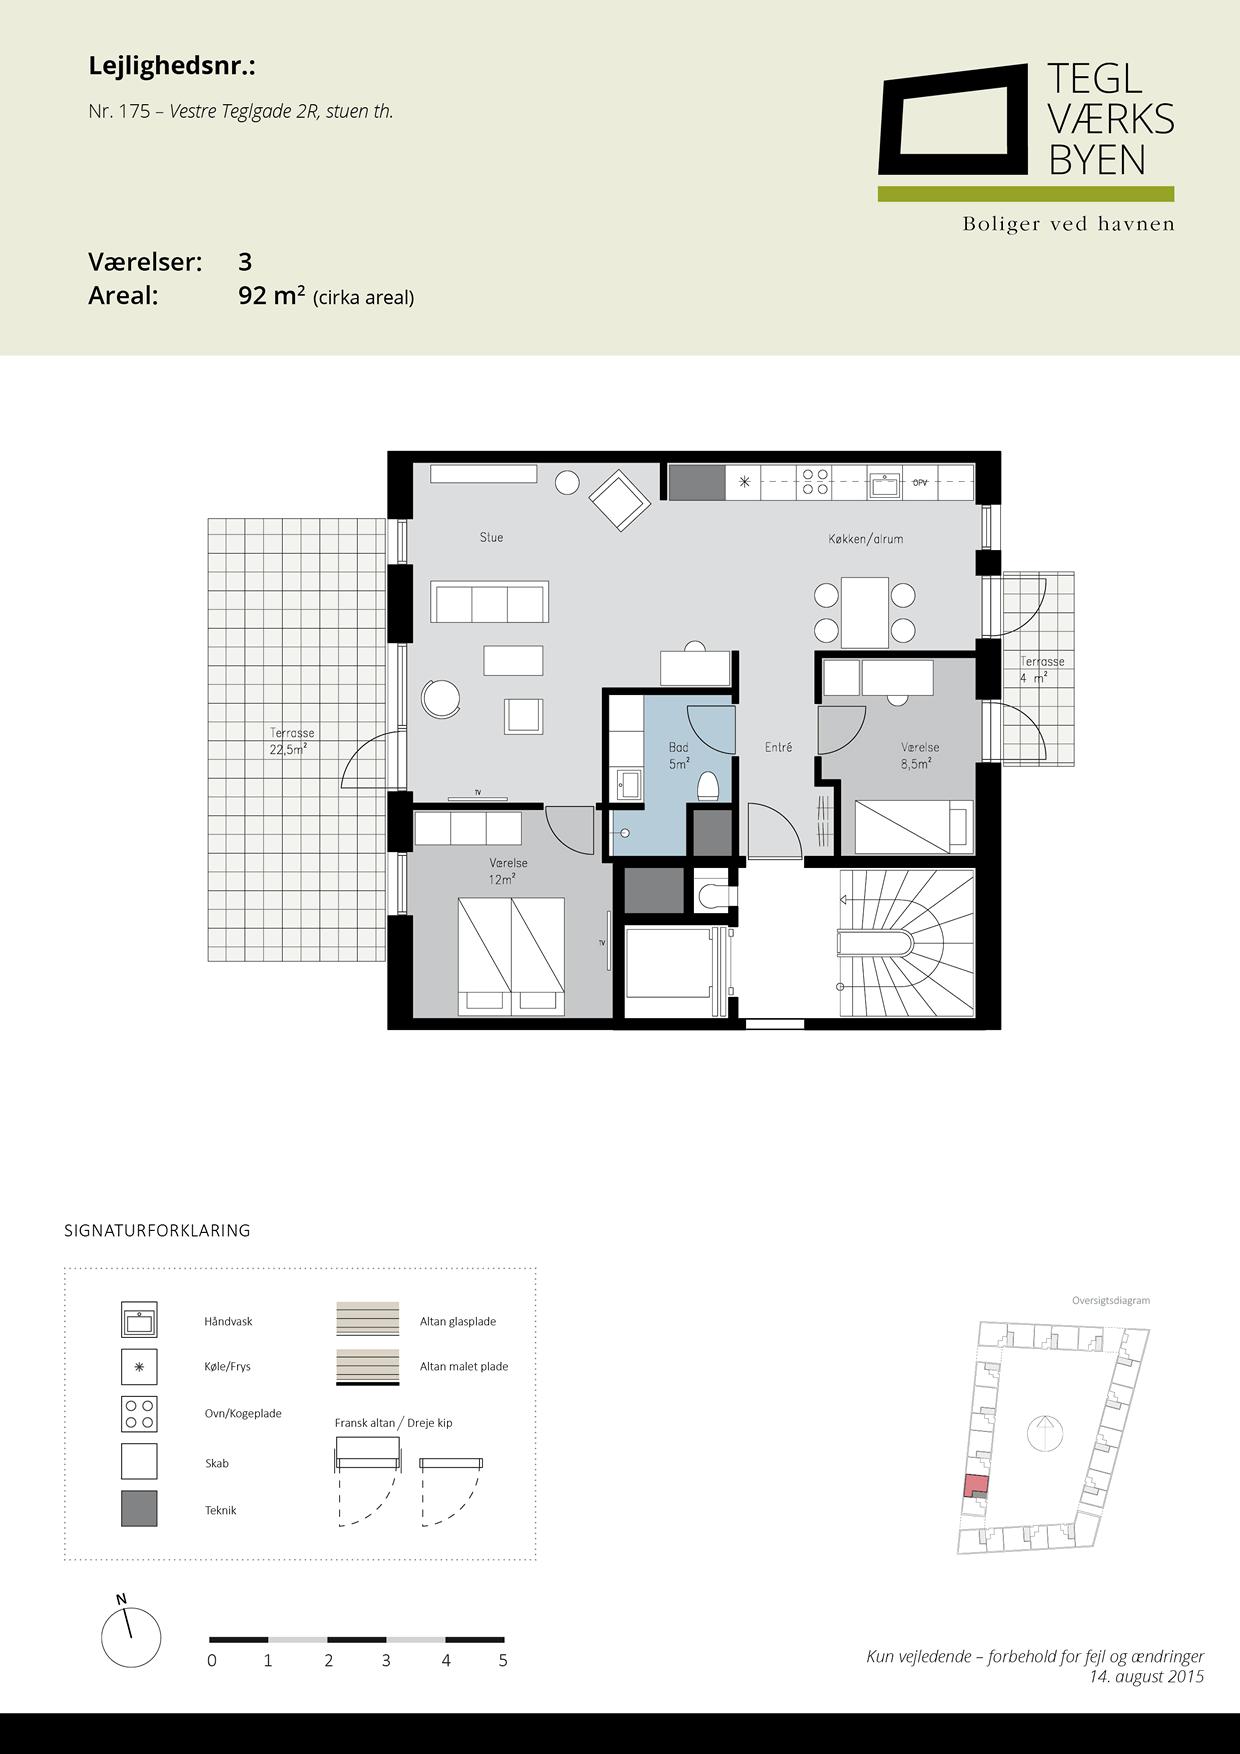 Teglvaerksbyen_175_plan